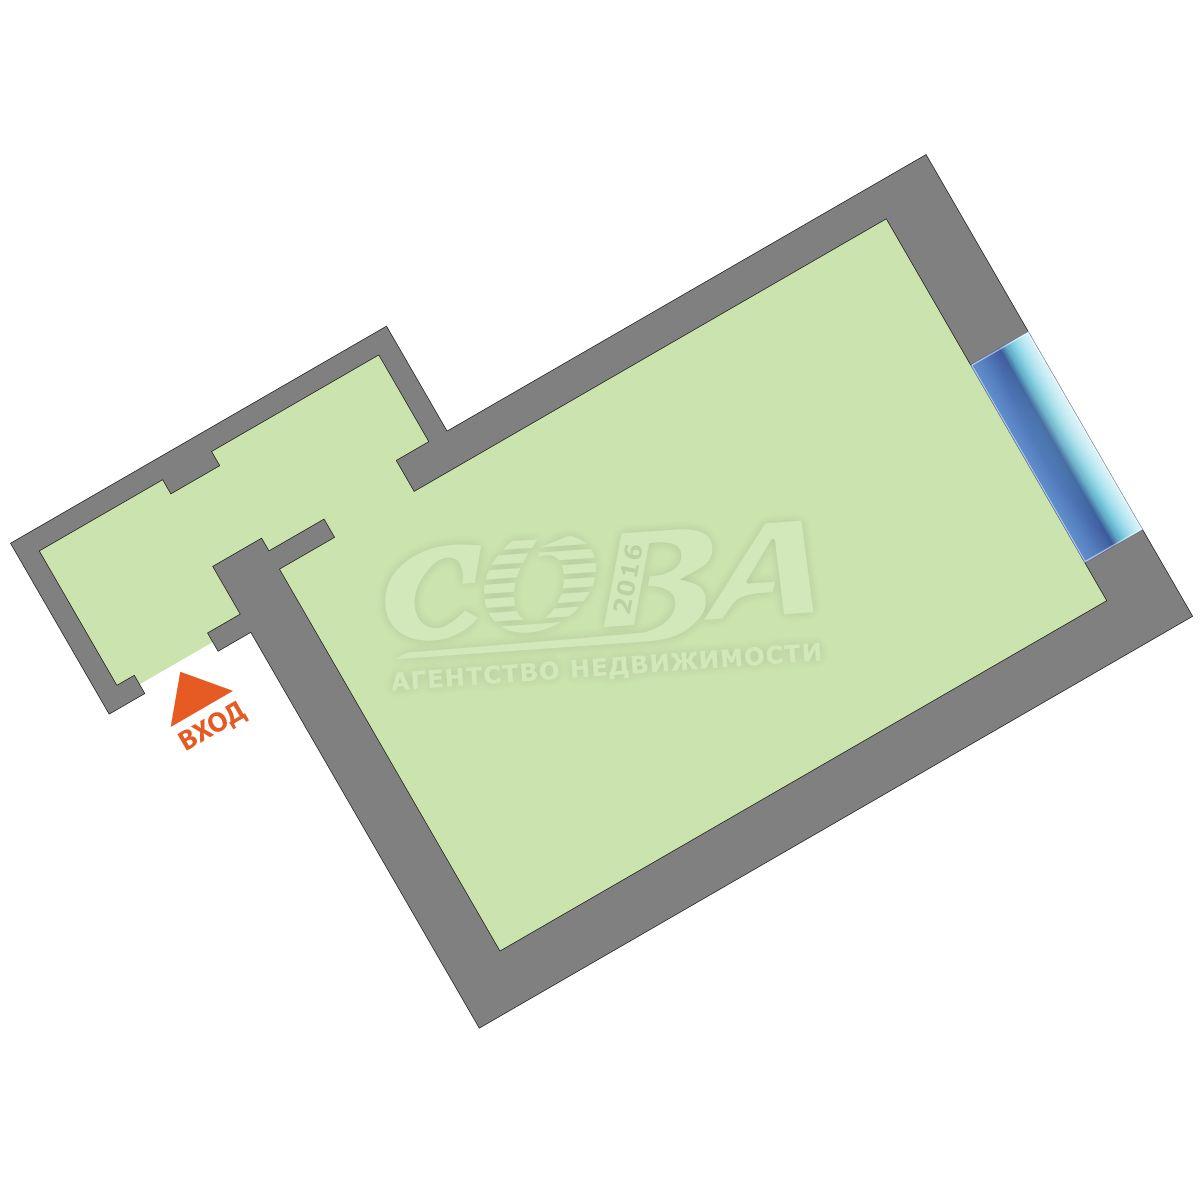 Комната в 2 микрорайоне, ул. Ткацкий проезд, 8, г. Тюмень